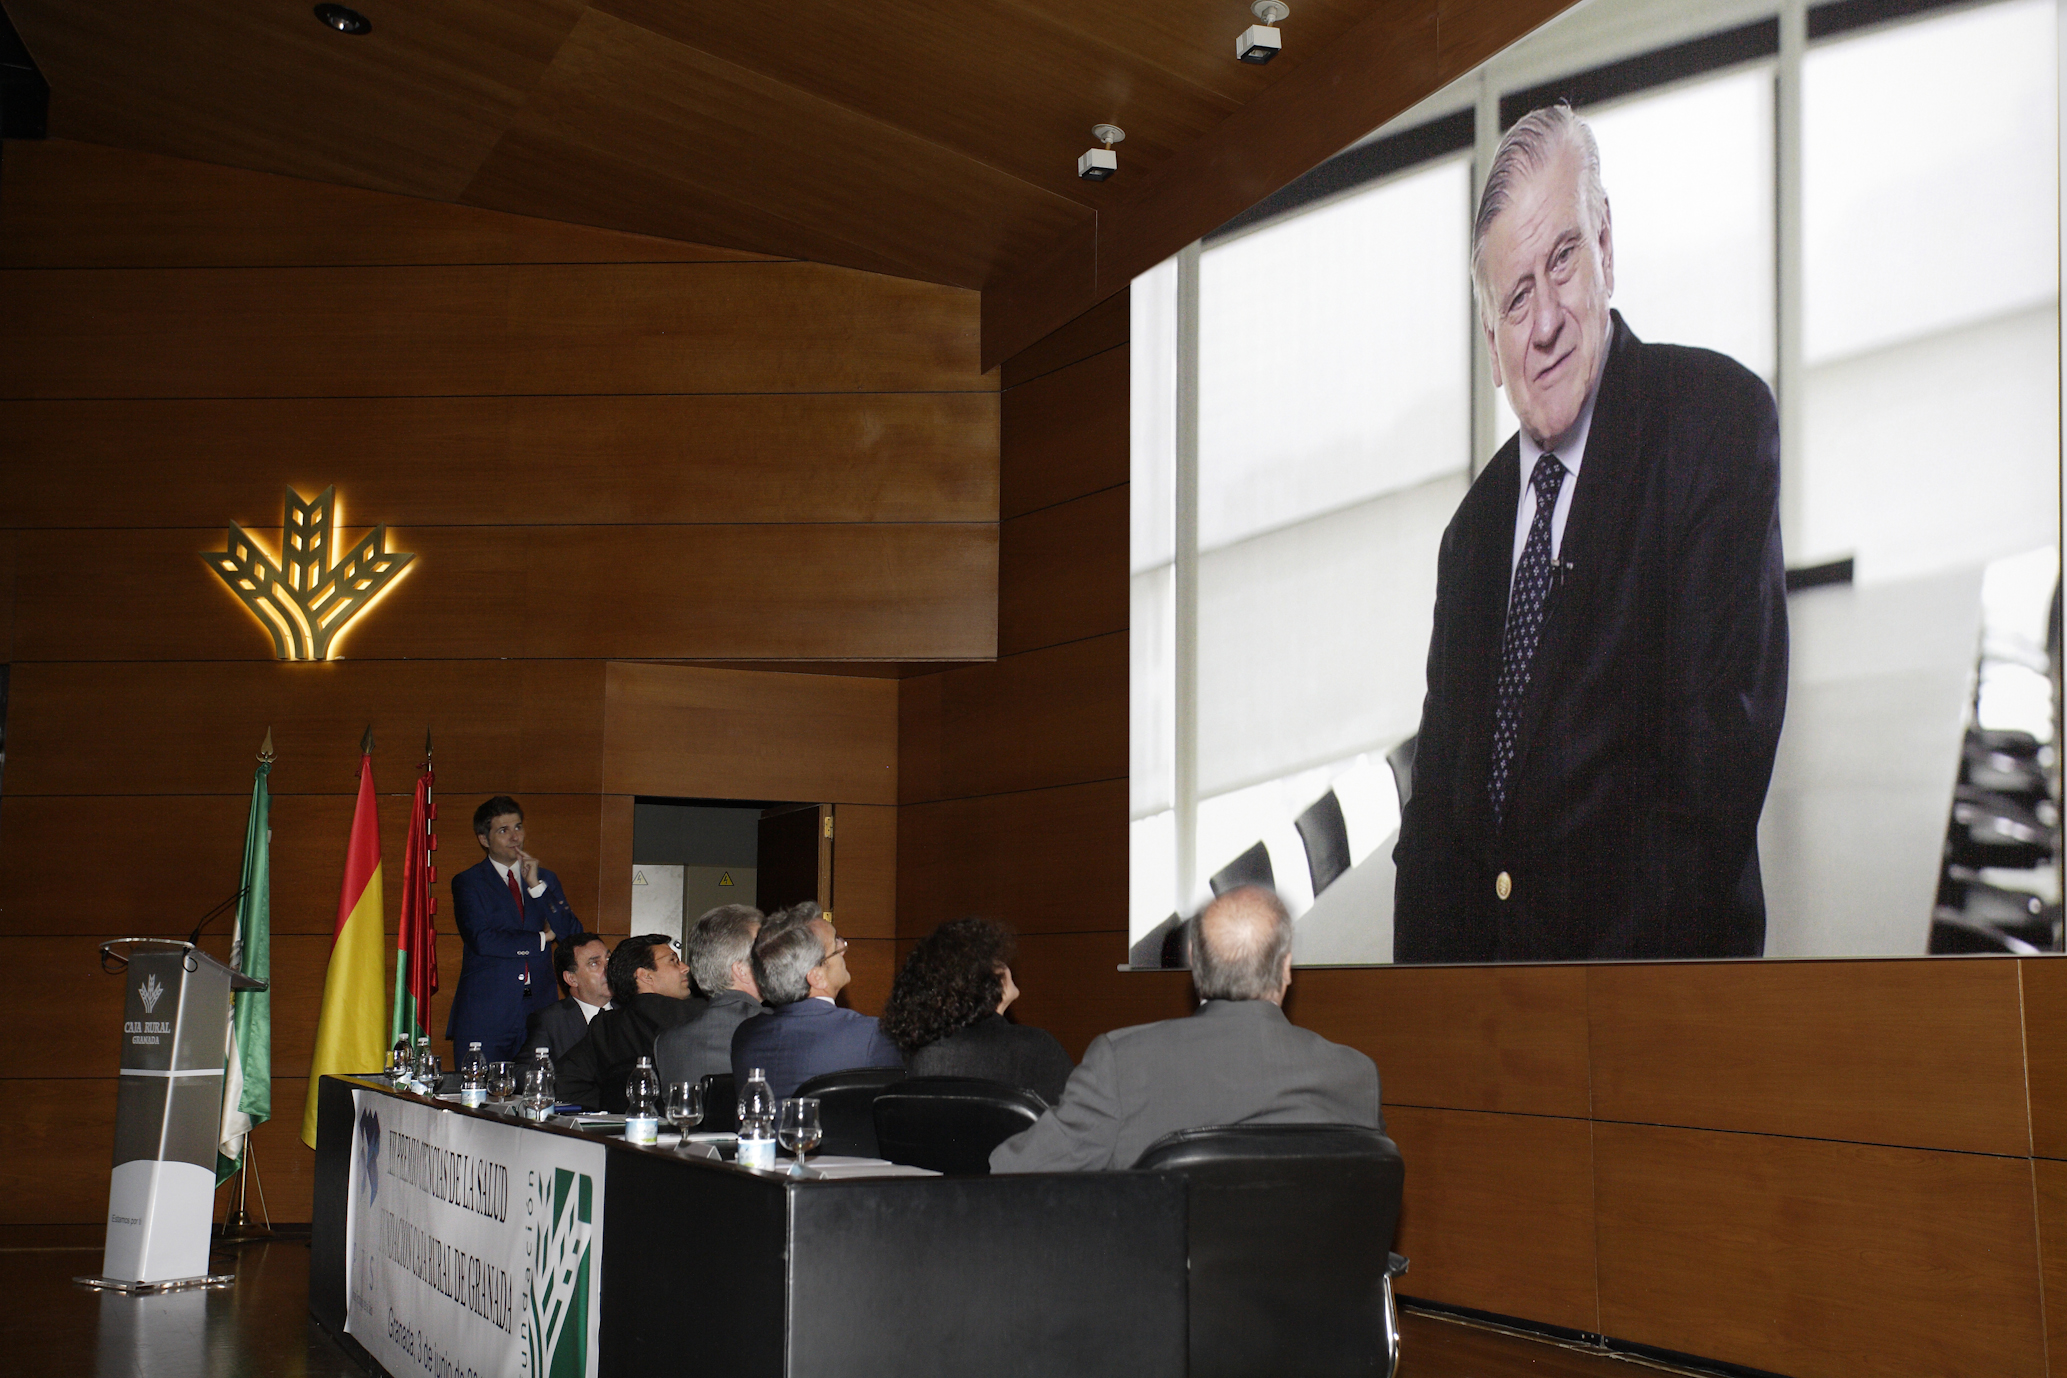 El Dr. Valentín Fuster recibe el XII Premio Ciencias de la Salud de Investigación de la Fundación Caja Rural de Granada